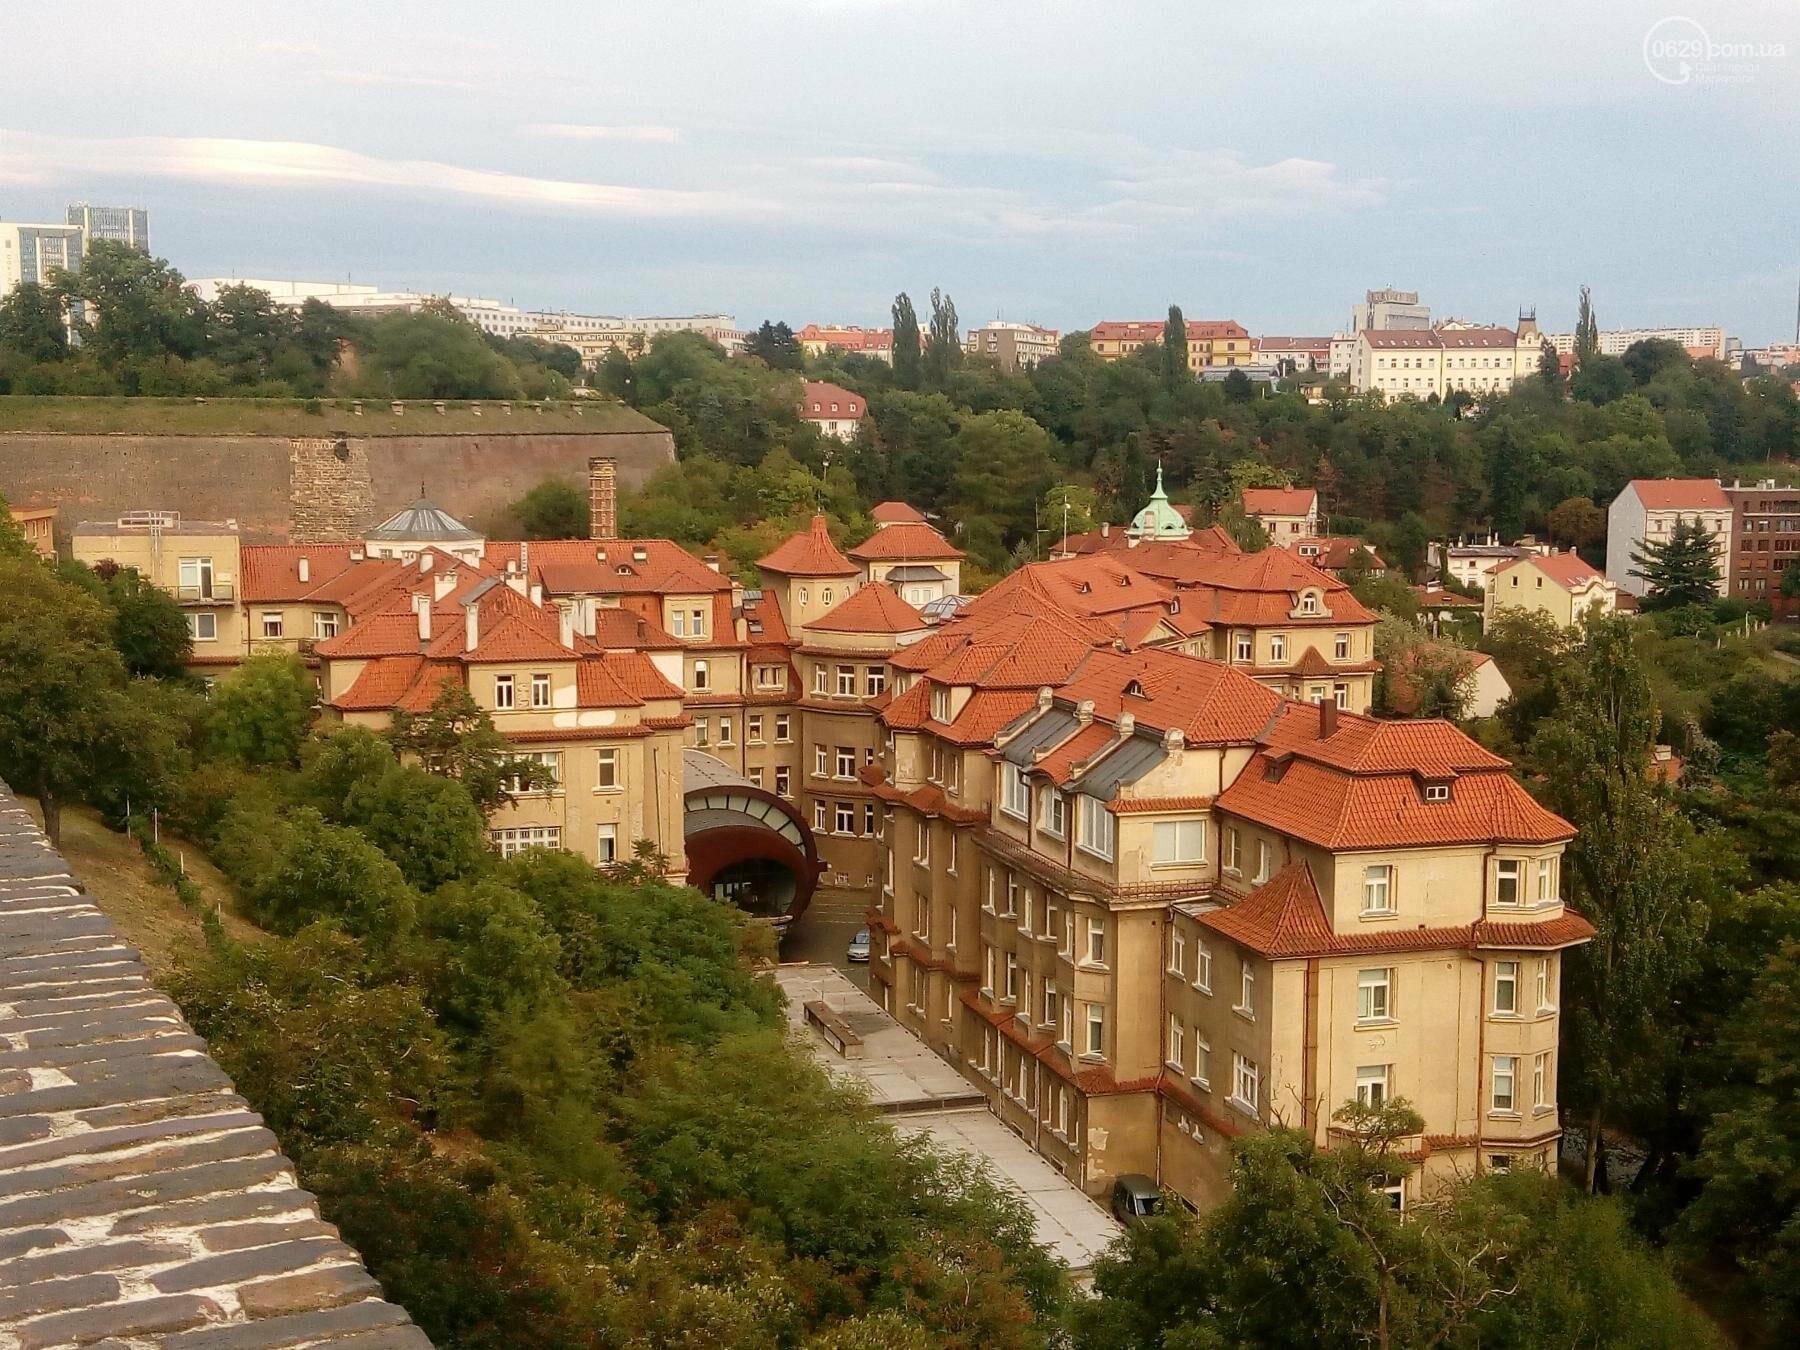 Город красных крыш. Как мариупольцам добраться в Прагу, что посмотреть, и сколько для этого нужно денег (ФОТО), фото-32